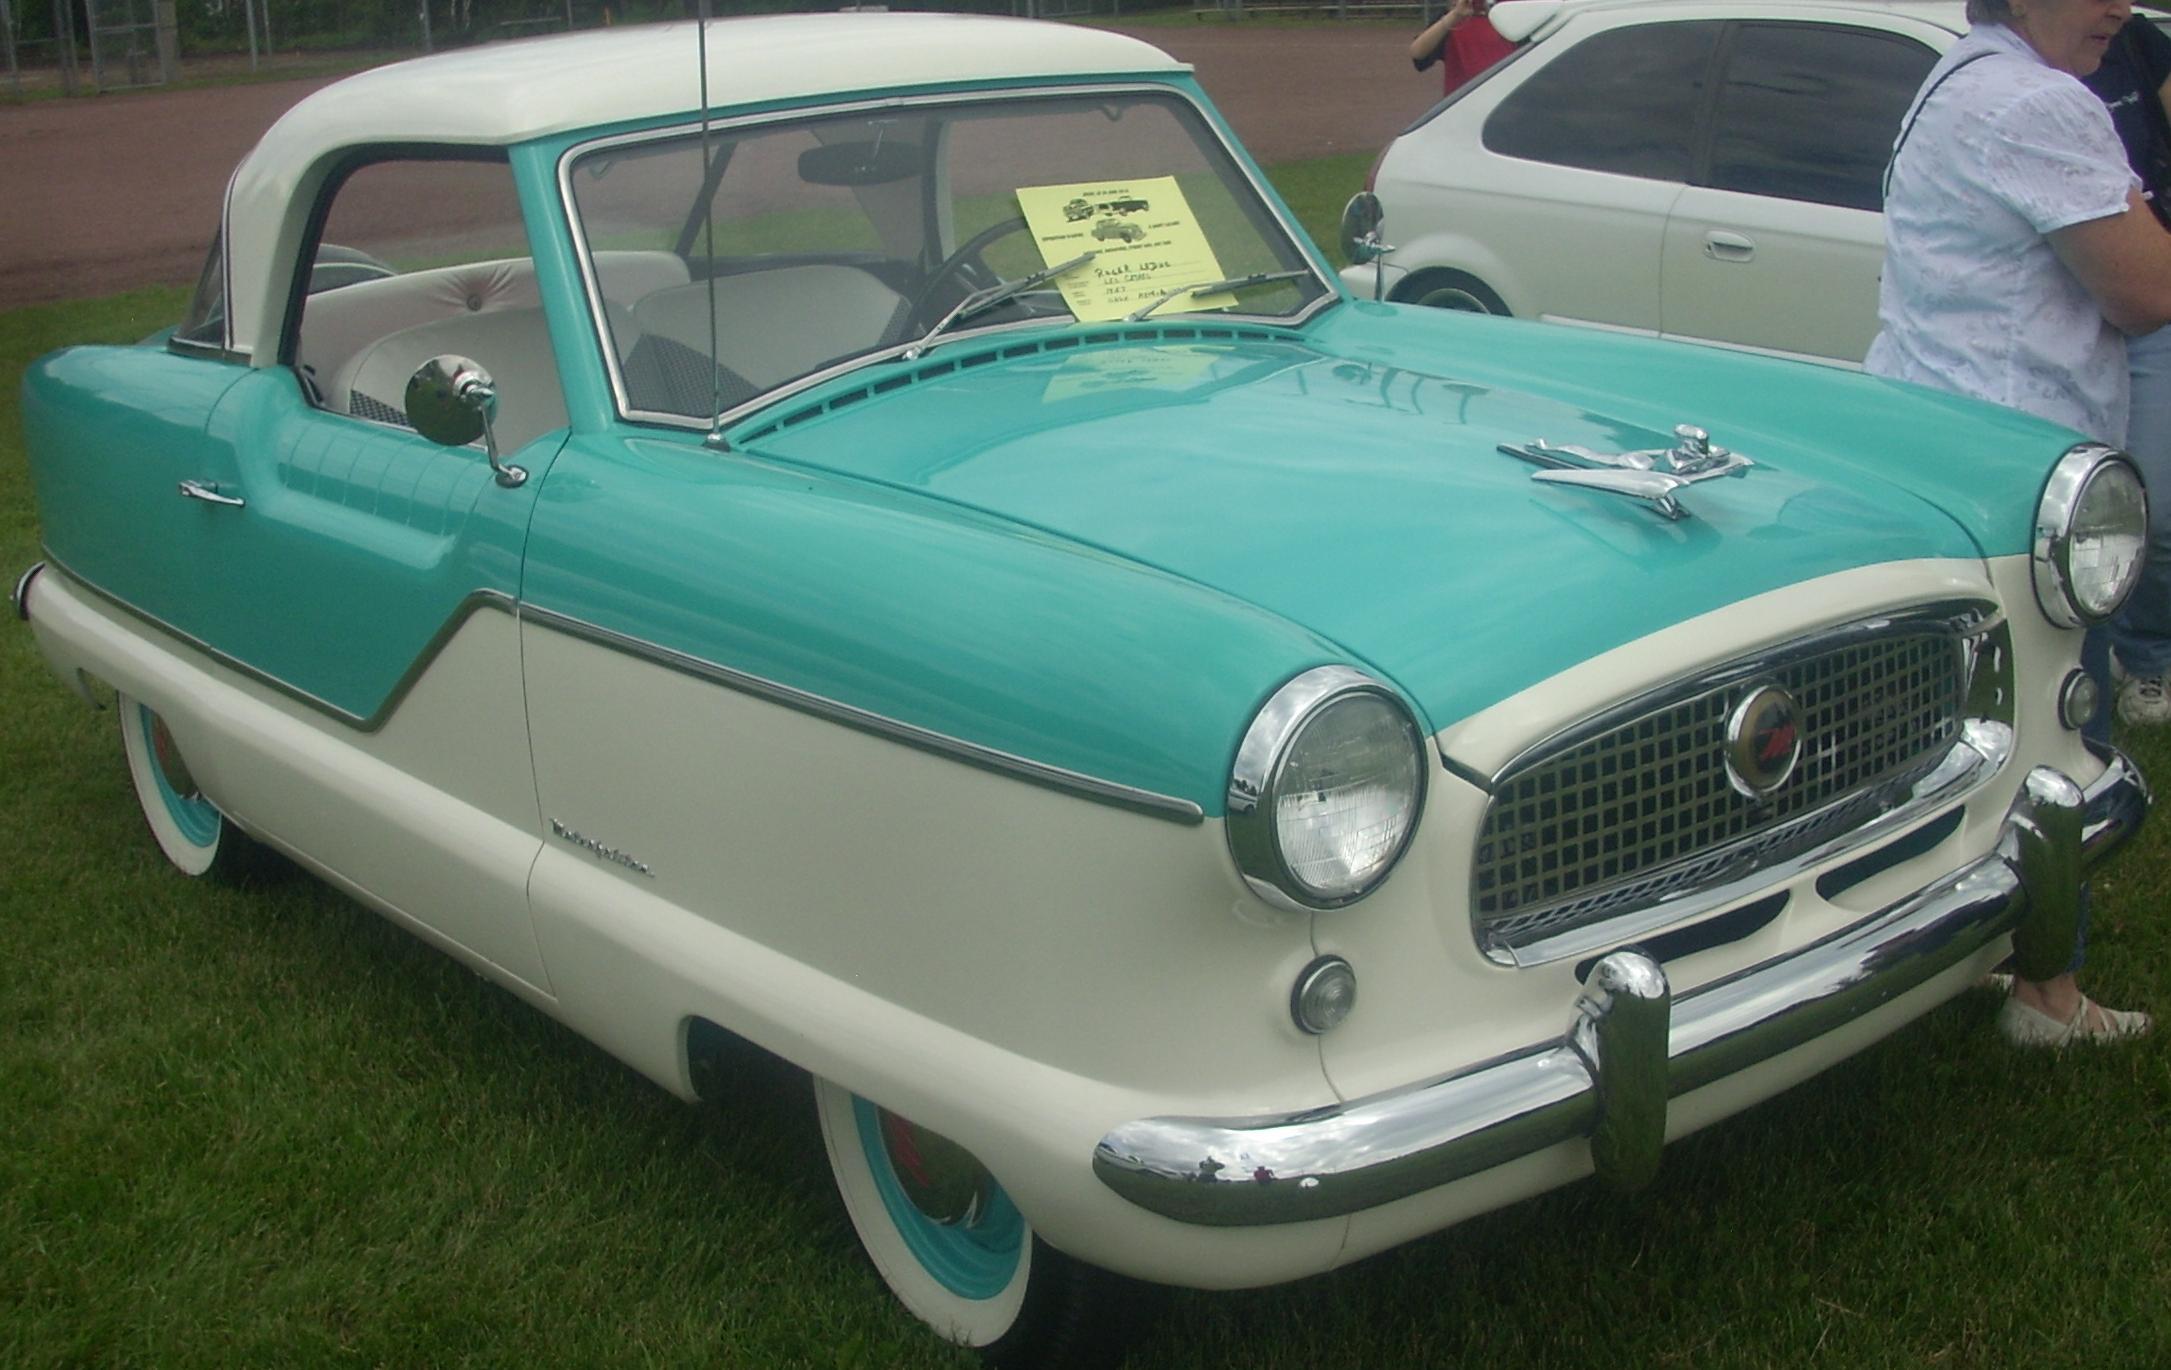 Nash Car: File:'57 Nash Metropolitan Coupe (Auto Classique St